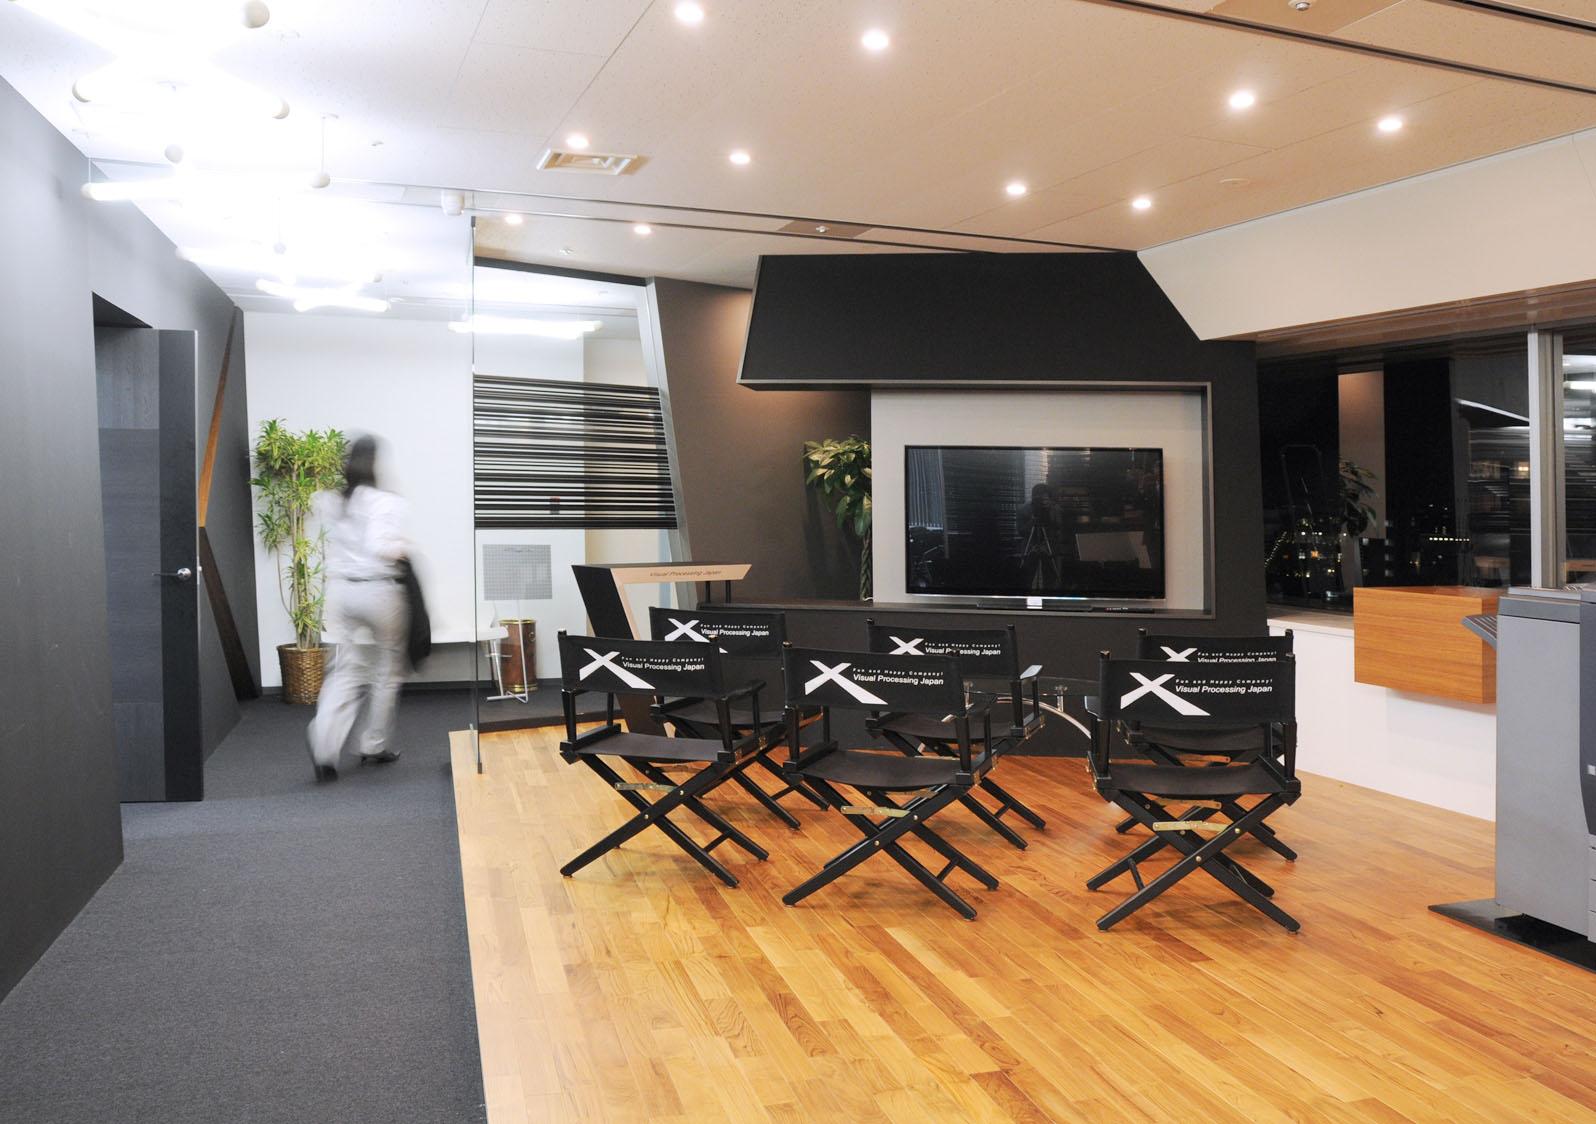 22株式会社ビジュアル・プロセッシング・ジャパン Tokyo Head Office